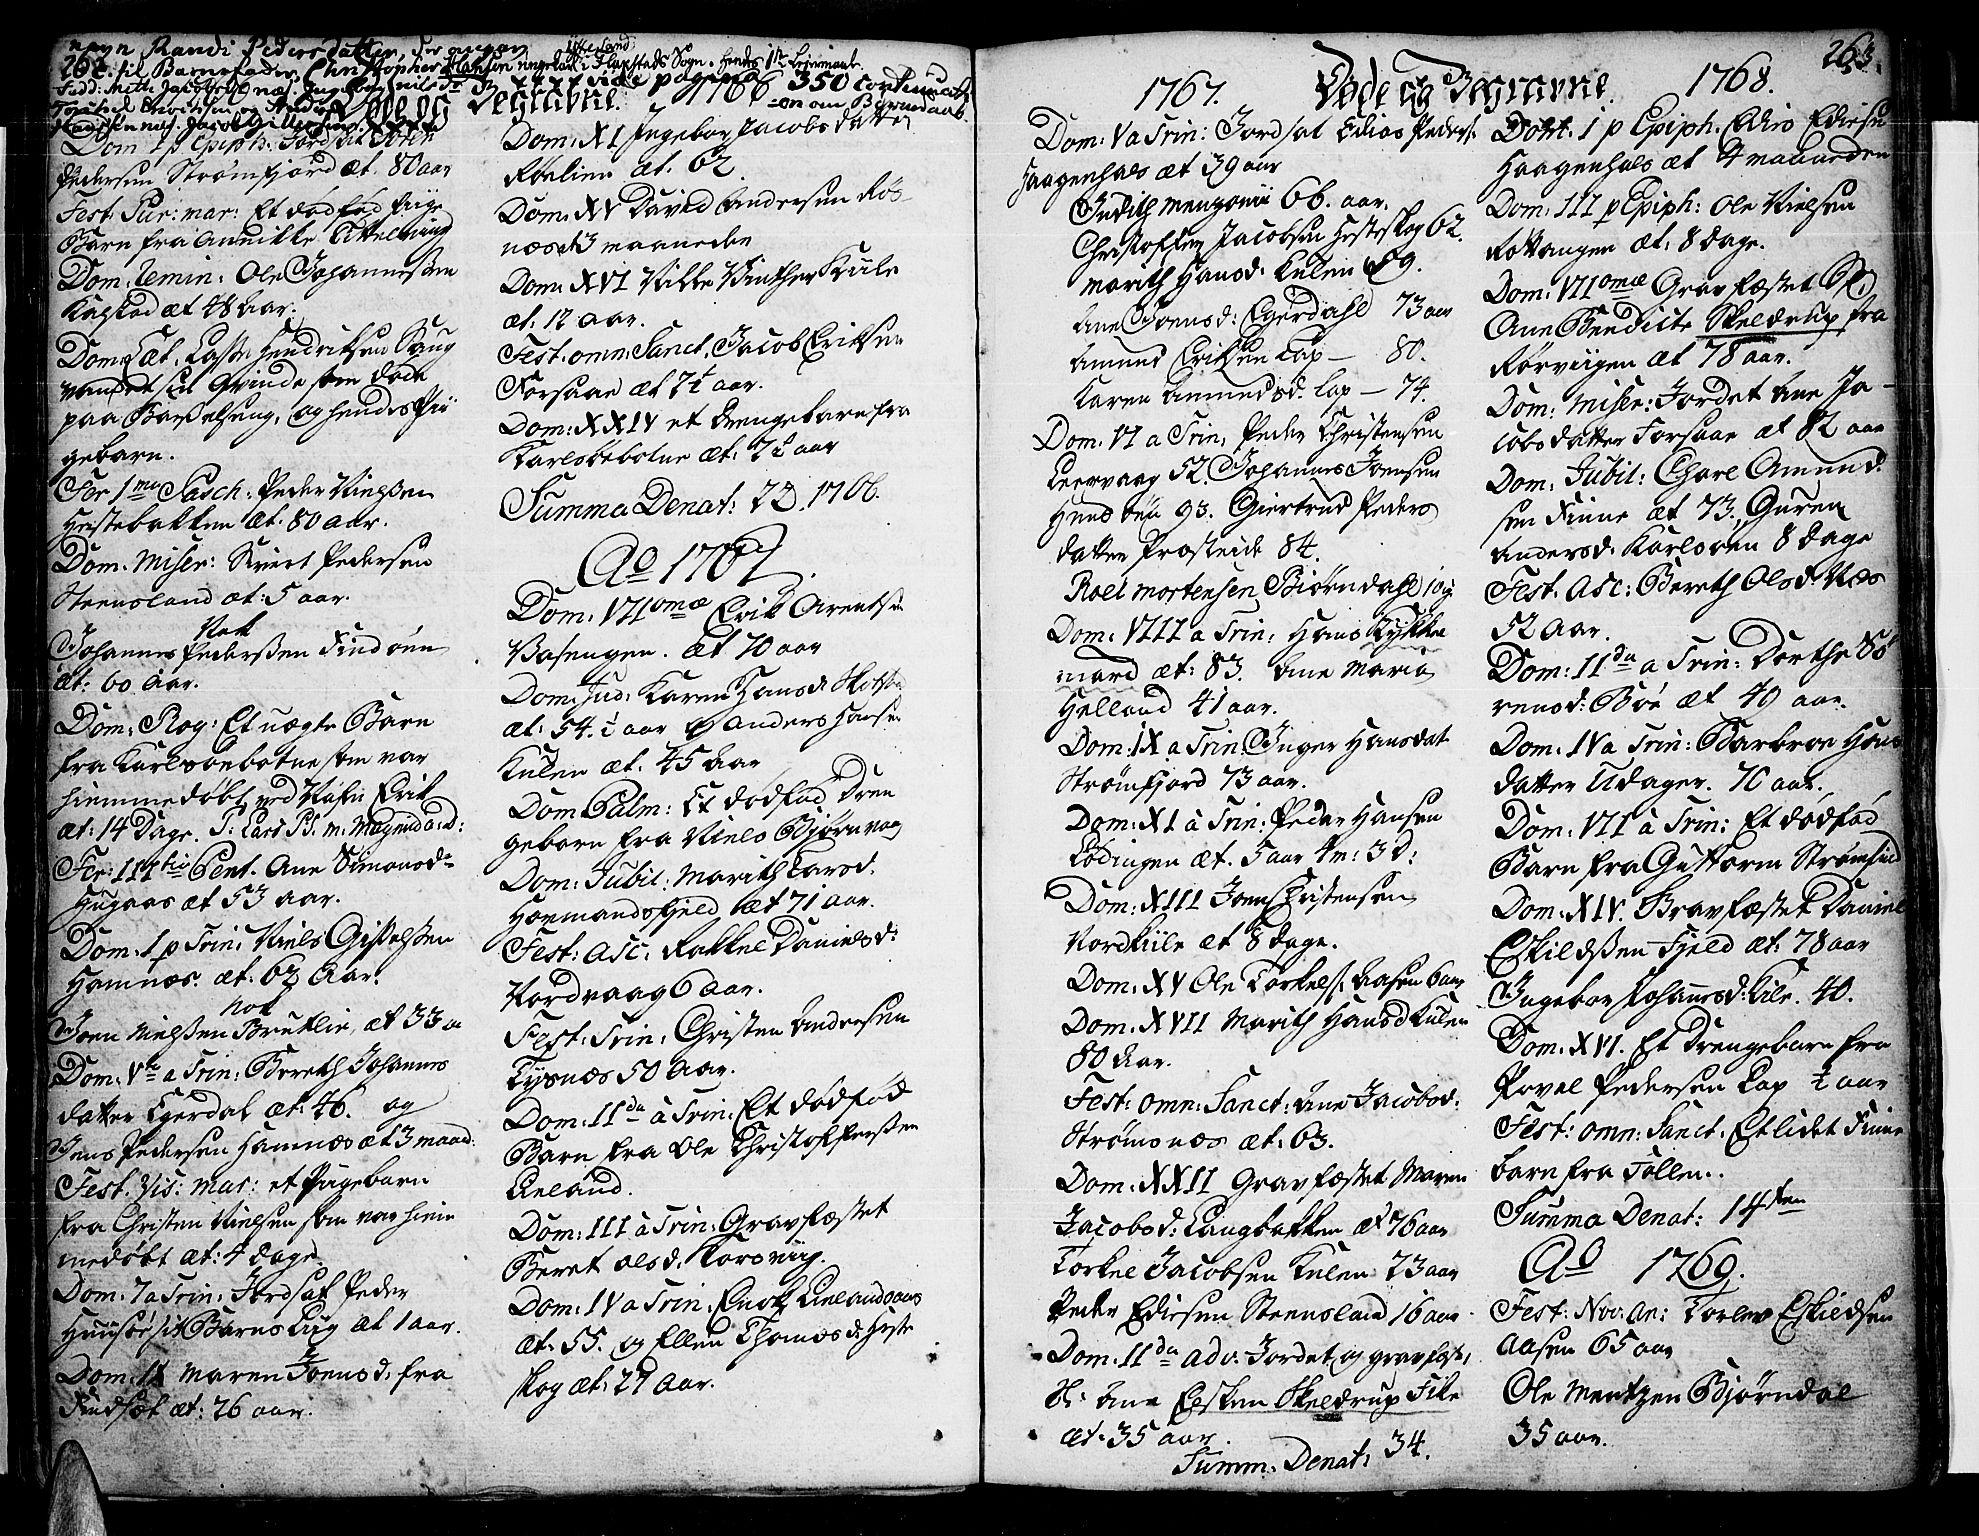 SAT, Ministerialprotokoller, klokkerbøker og fødselsregistre - Nordland, 859/L0841: Parish register (official) no. 859A01, 1766-1821, p. 262-263